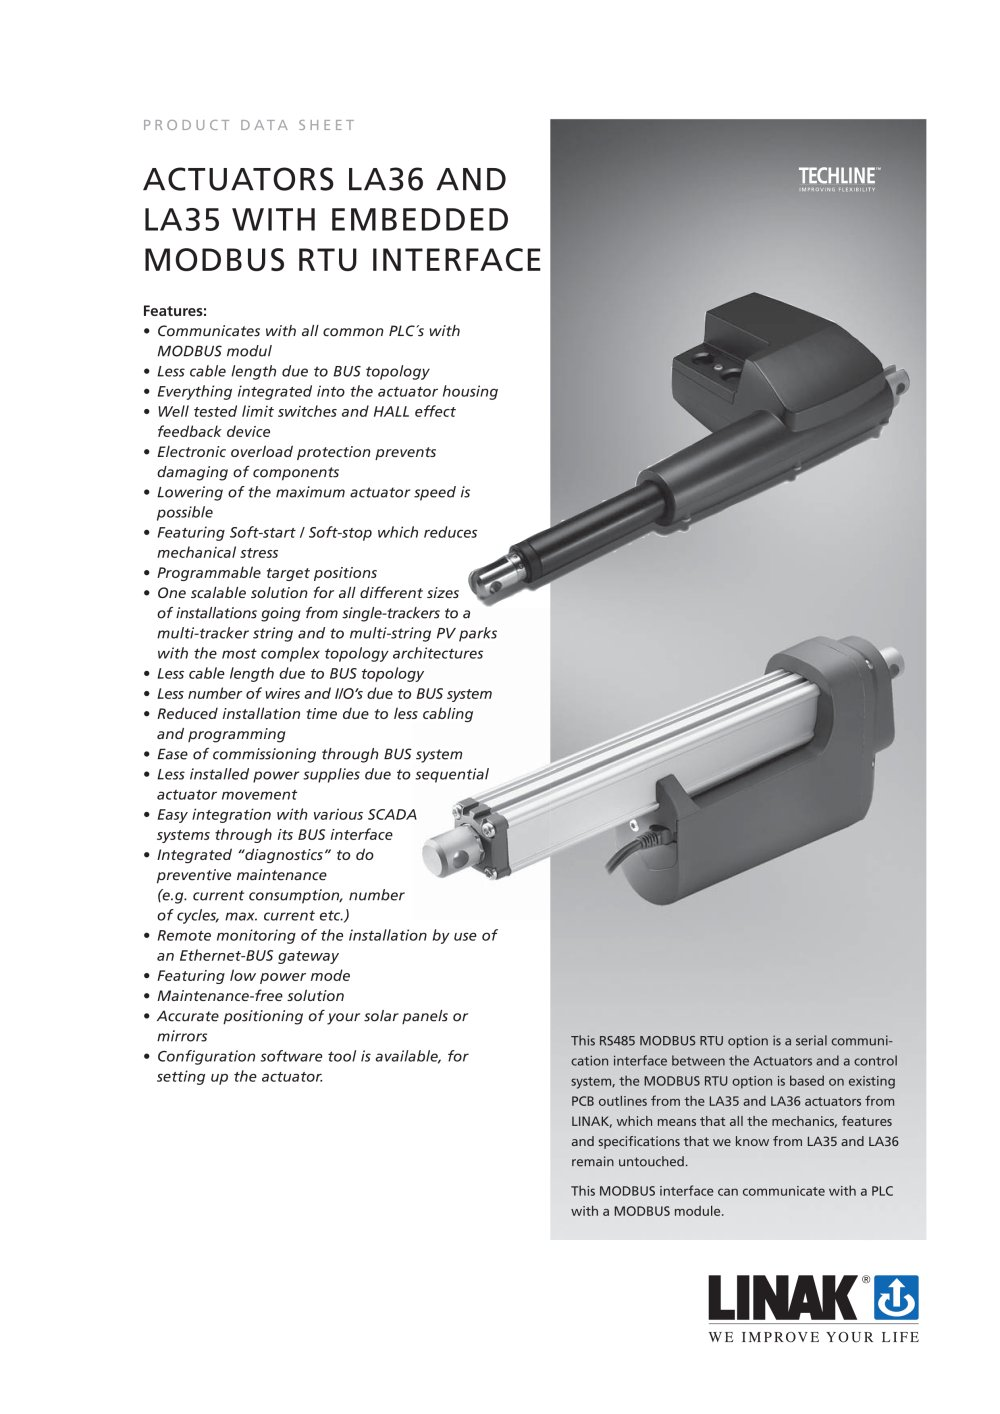 linear actuator la35 MODBUS - 1 / 2 Pages